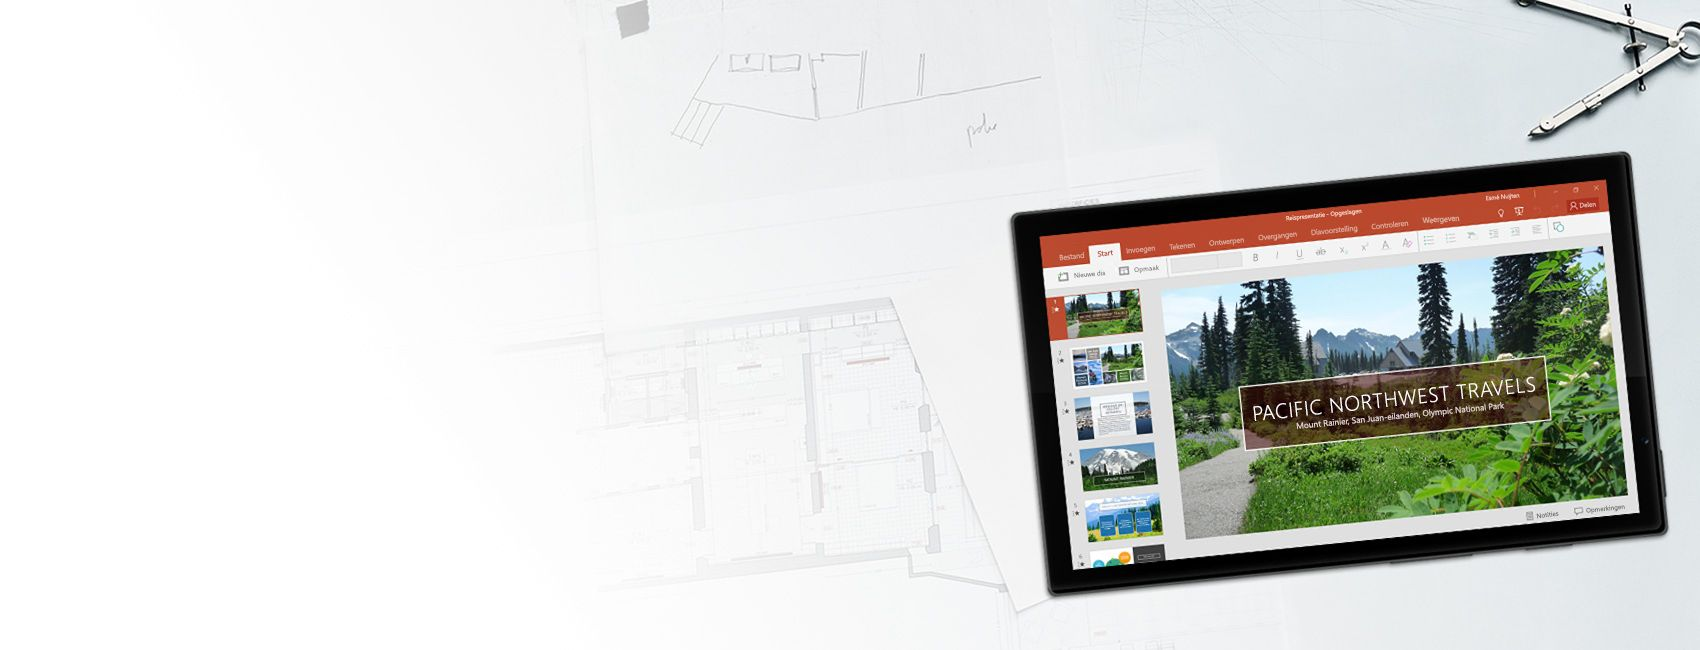 Windows-tablet met een PowerPoint-presentatie over reizen naar de Pacific Northwest in PowerPoint voor Windows 10 Mobile